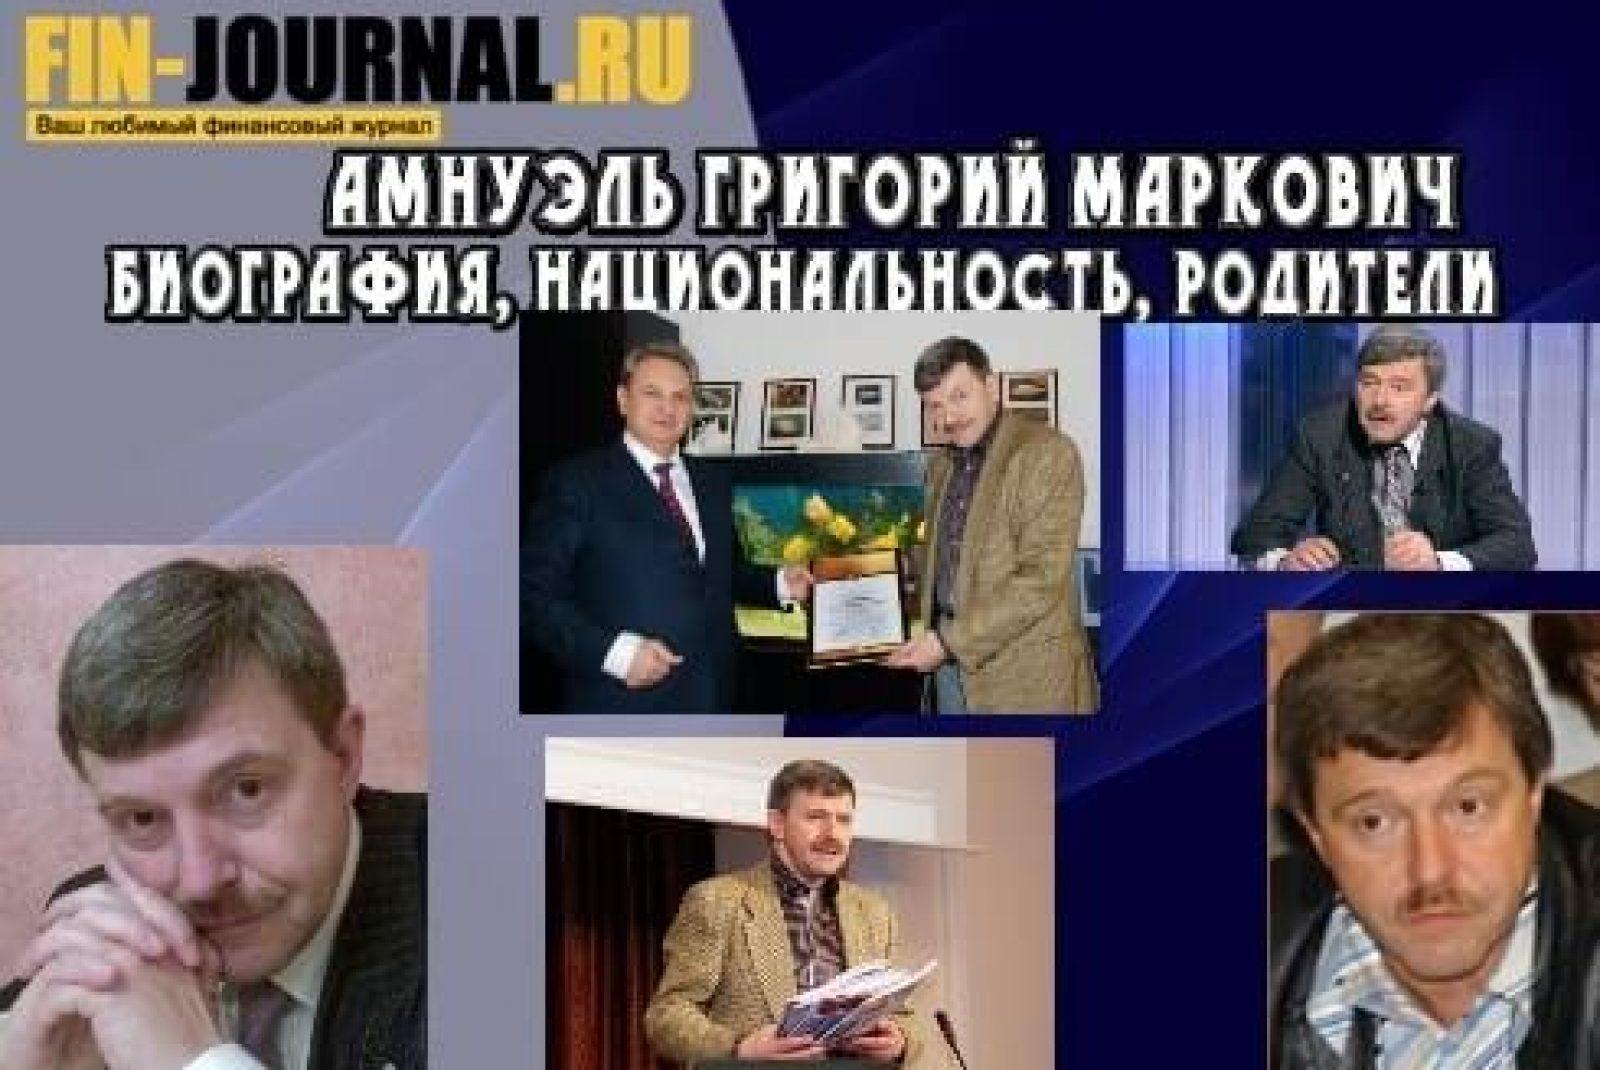 Амнуэль Григорий Маркович: биография, национальность, родители